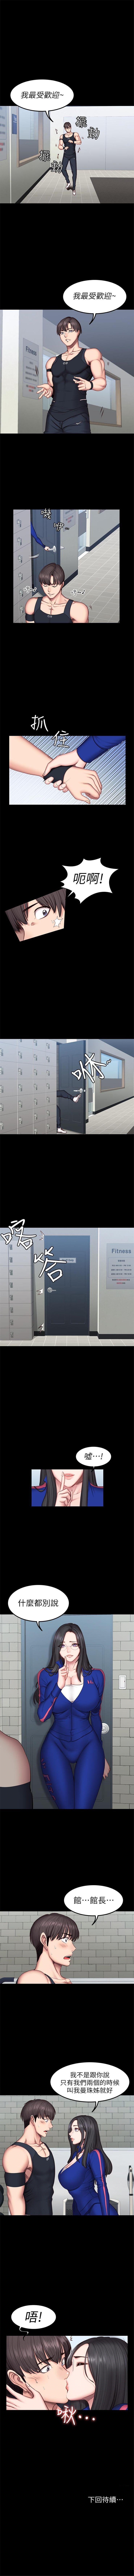 健身教練 1-56 官方中文(連載中) 259